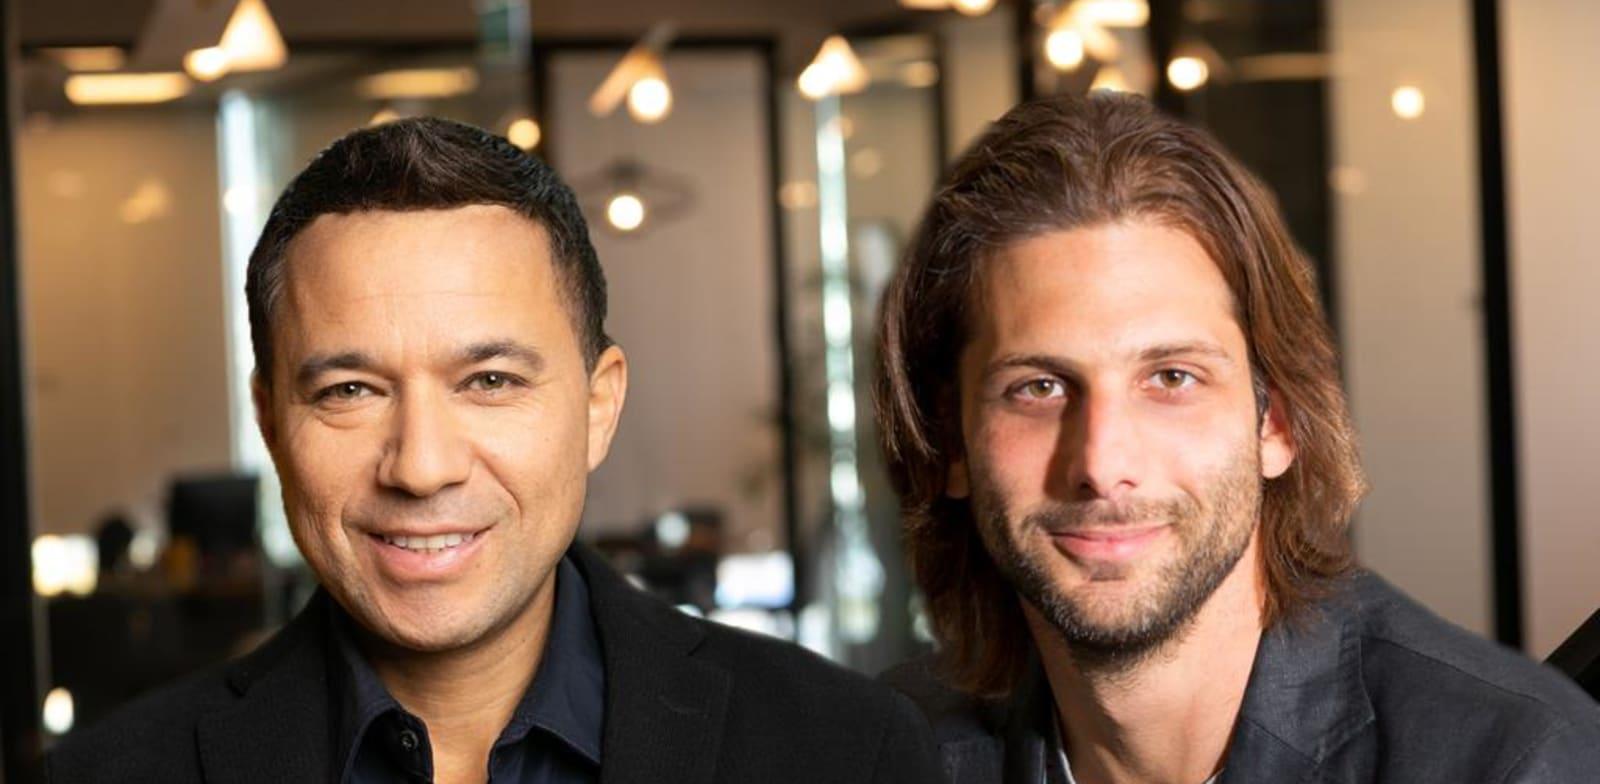 מימין: עופר יהודאי וזיו אלול, מנהלי fyber הישראלי / צילום: טל שחר